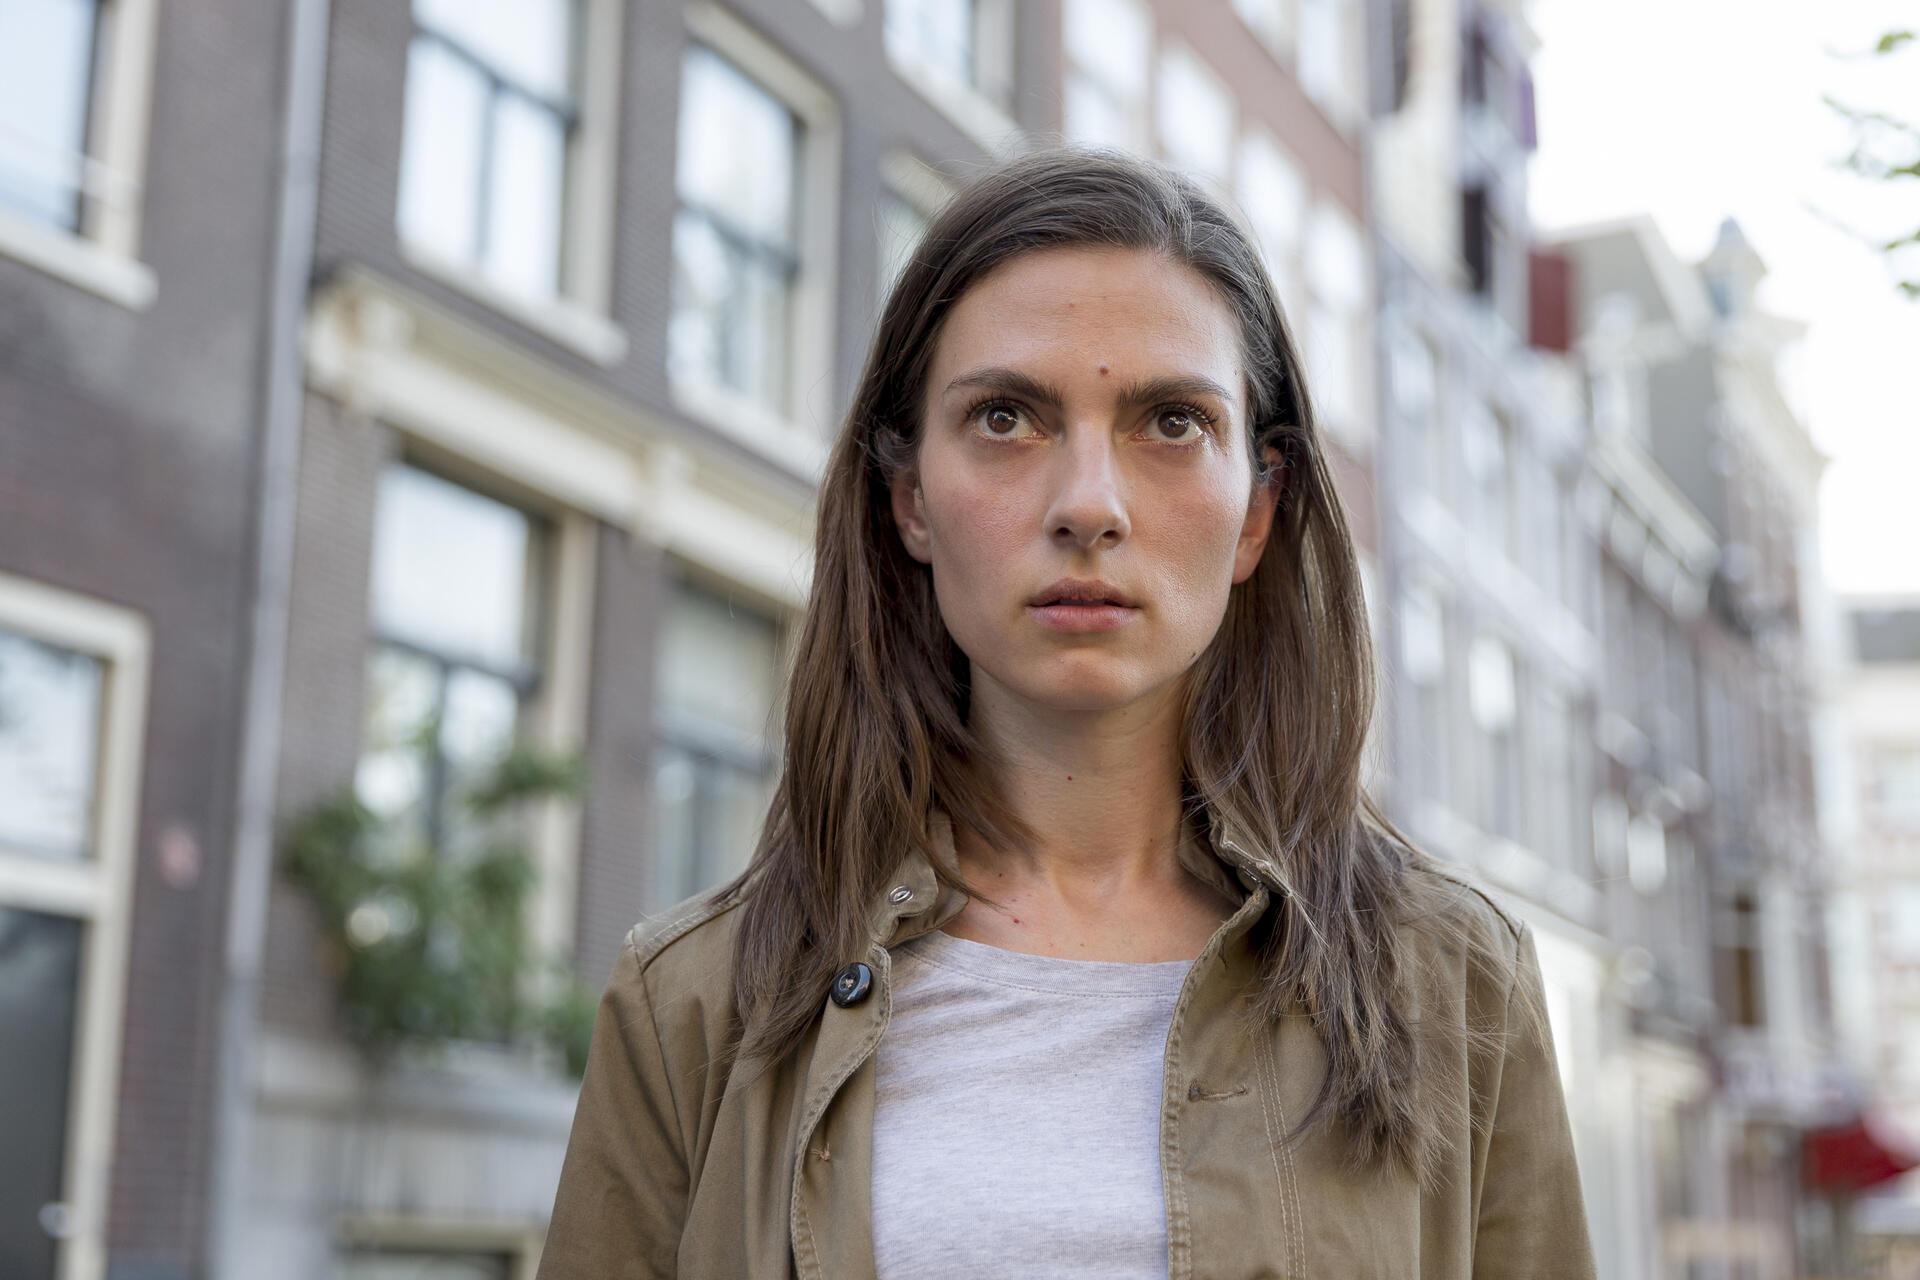 Laura De Boer